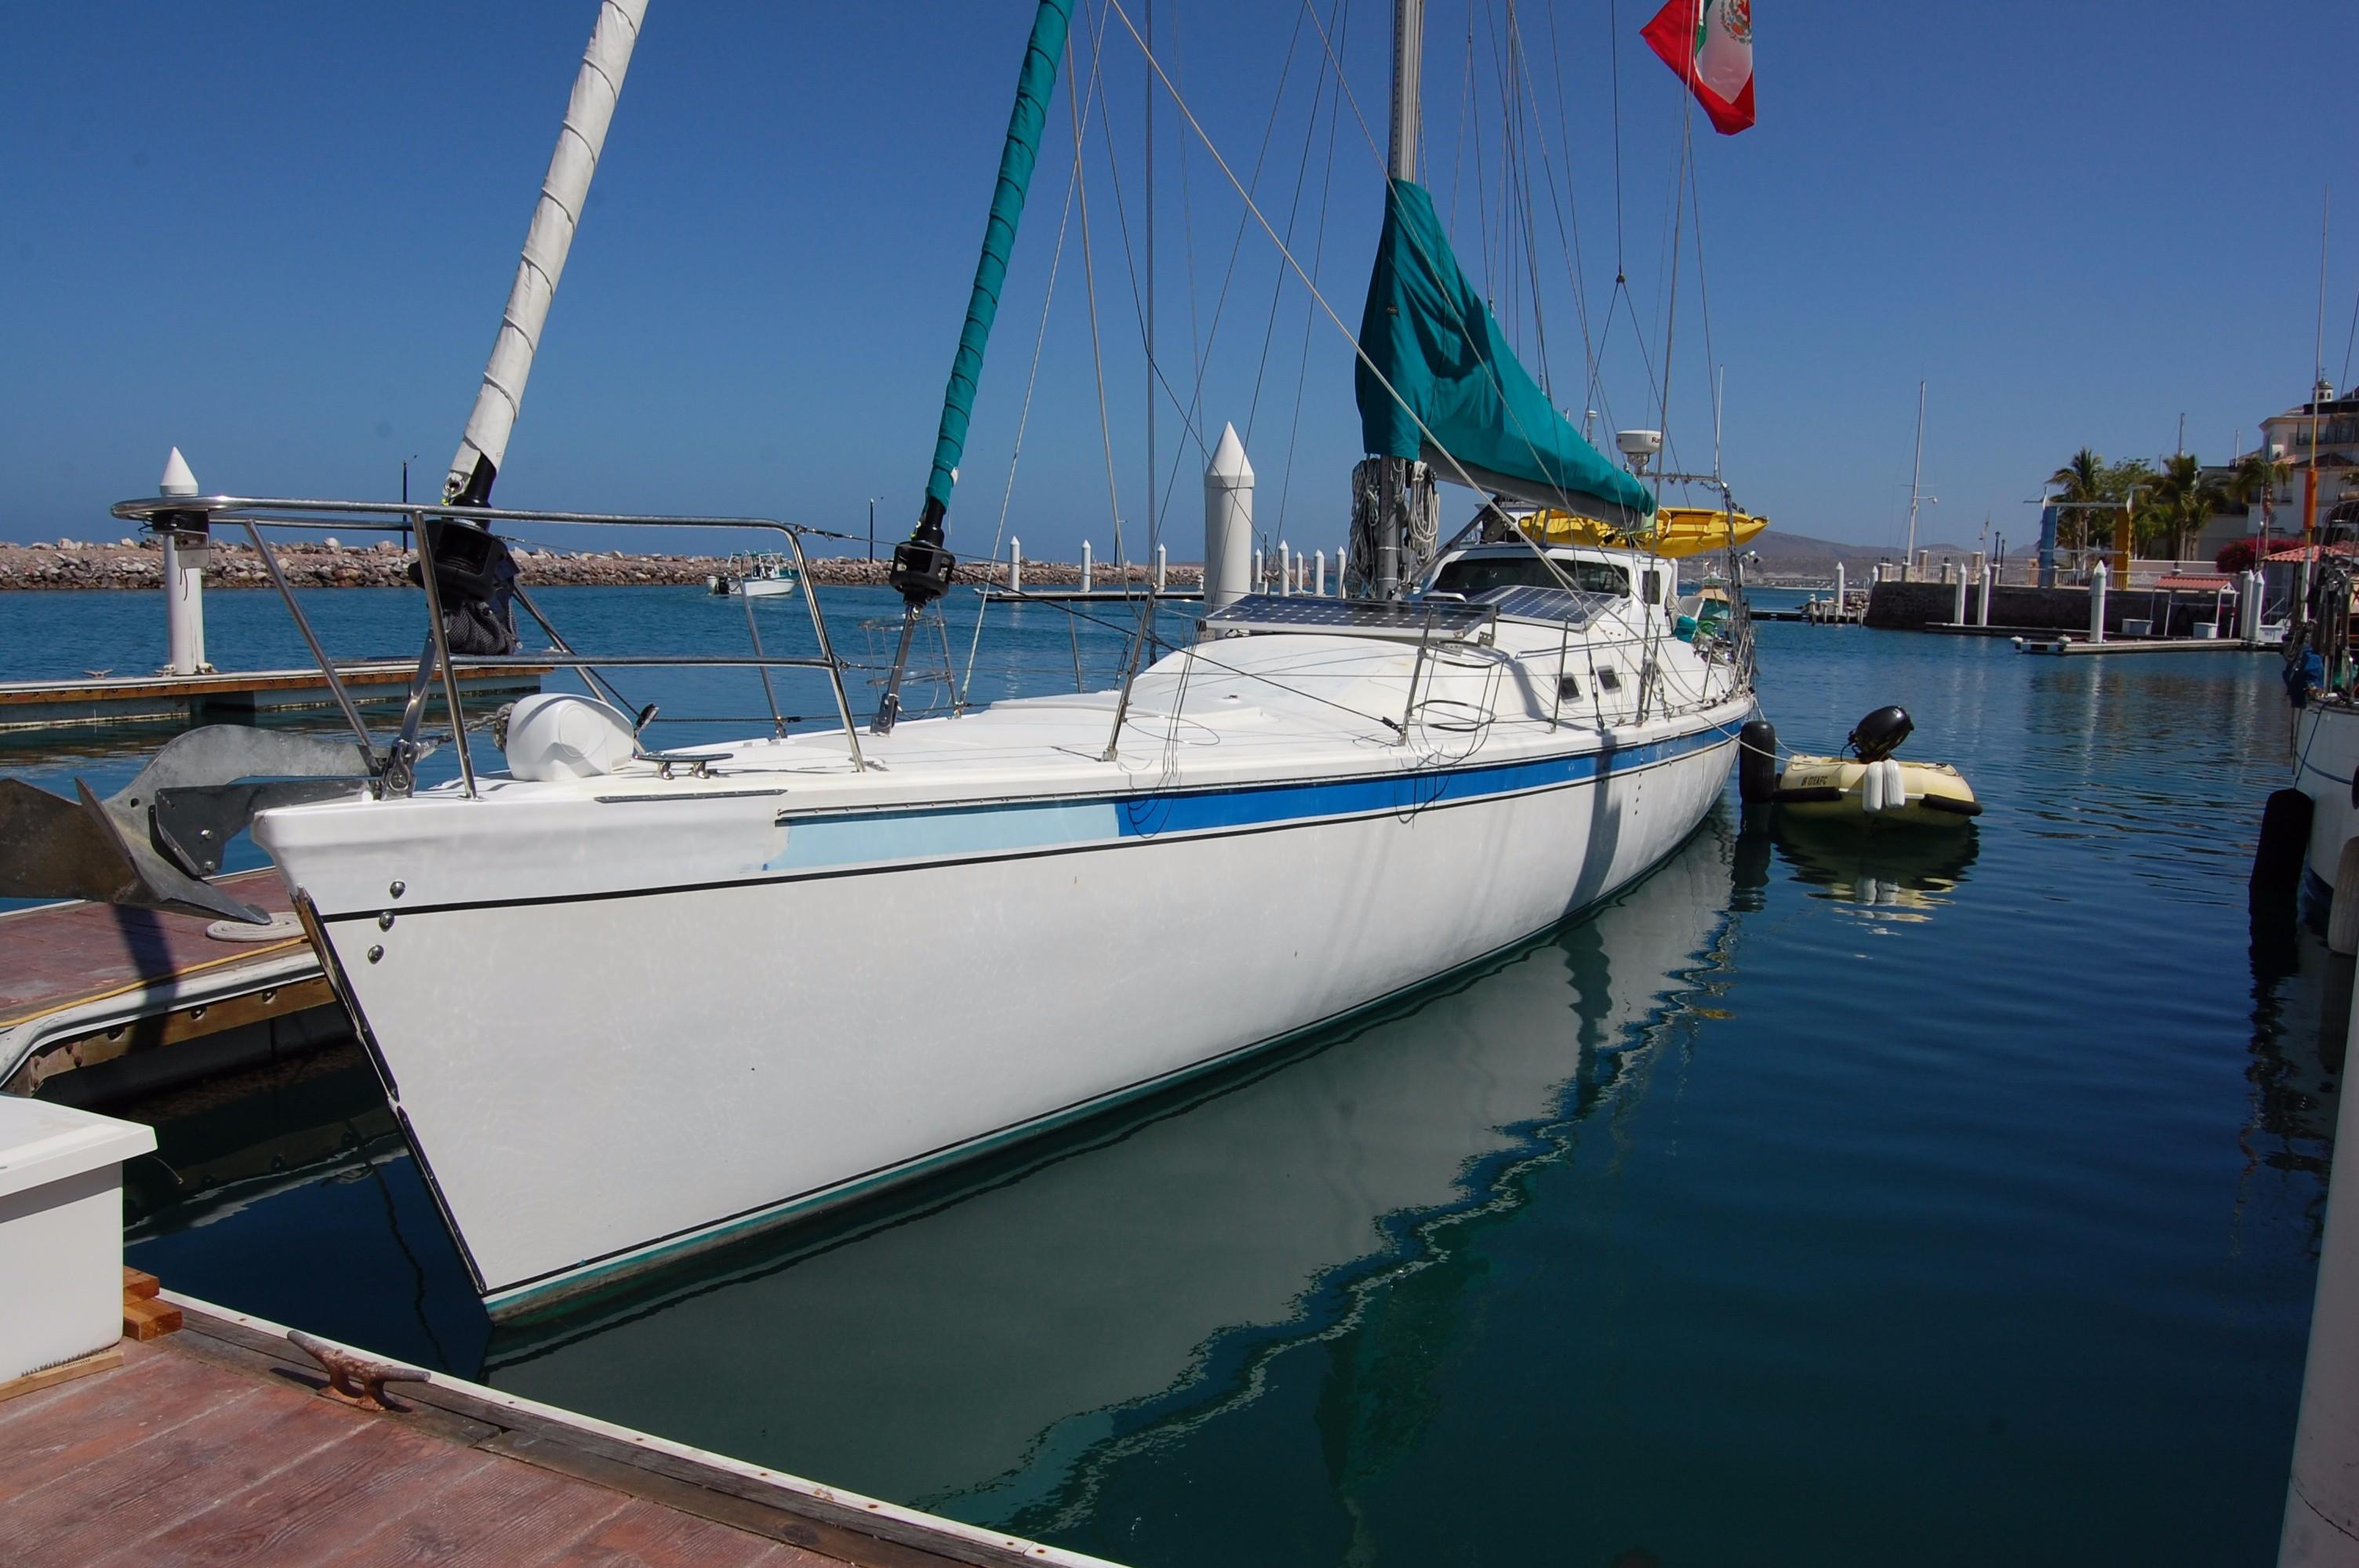 65' Macgregor +Boat for sale!